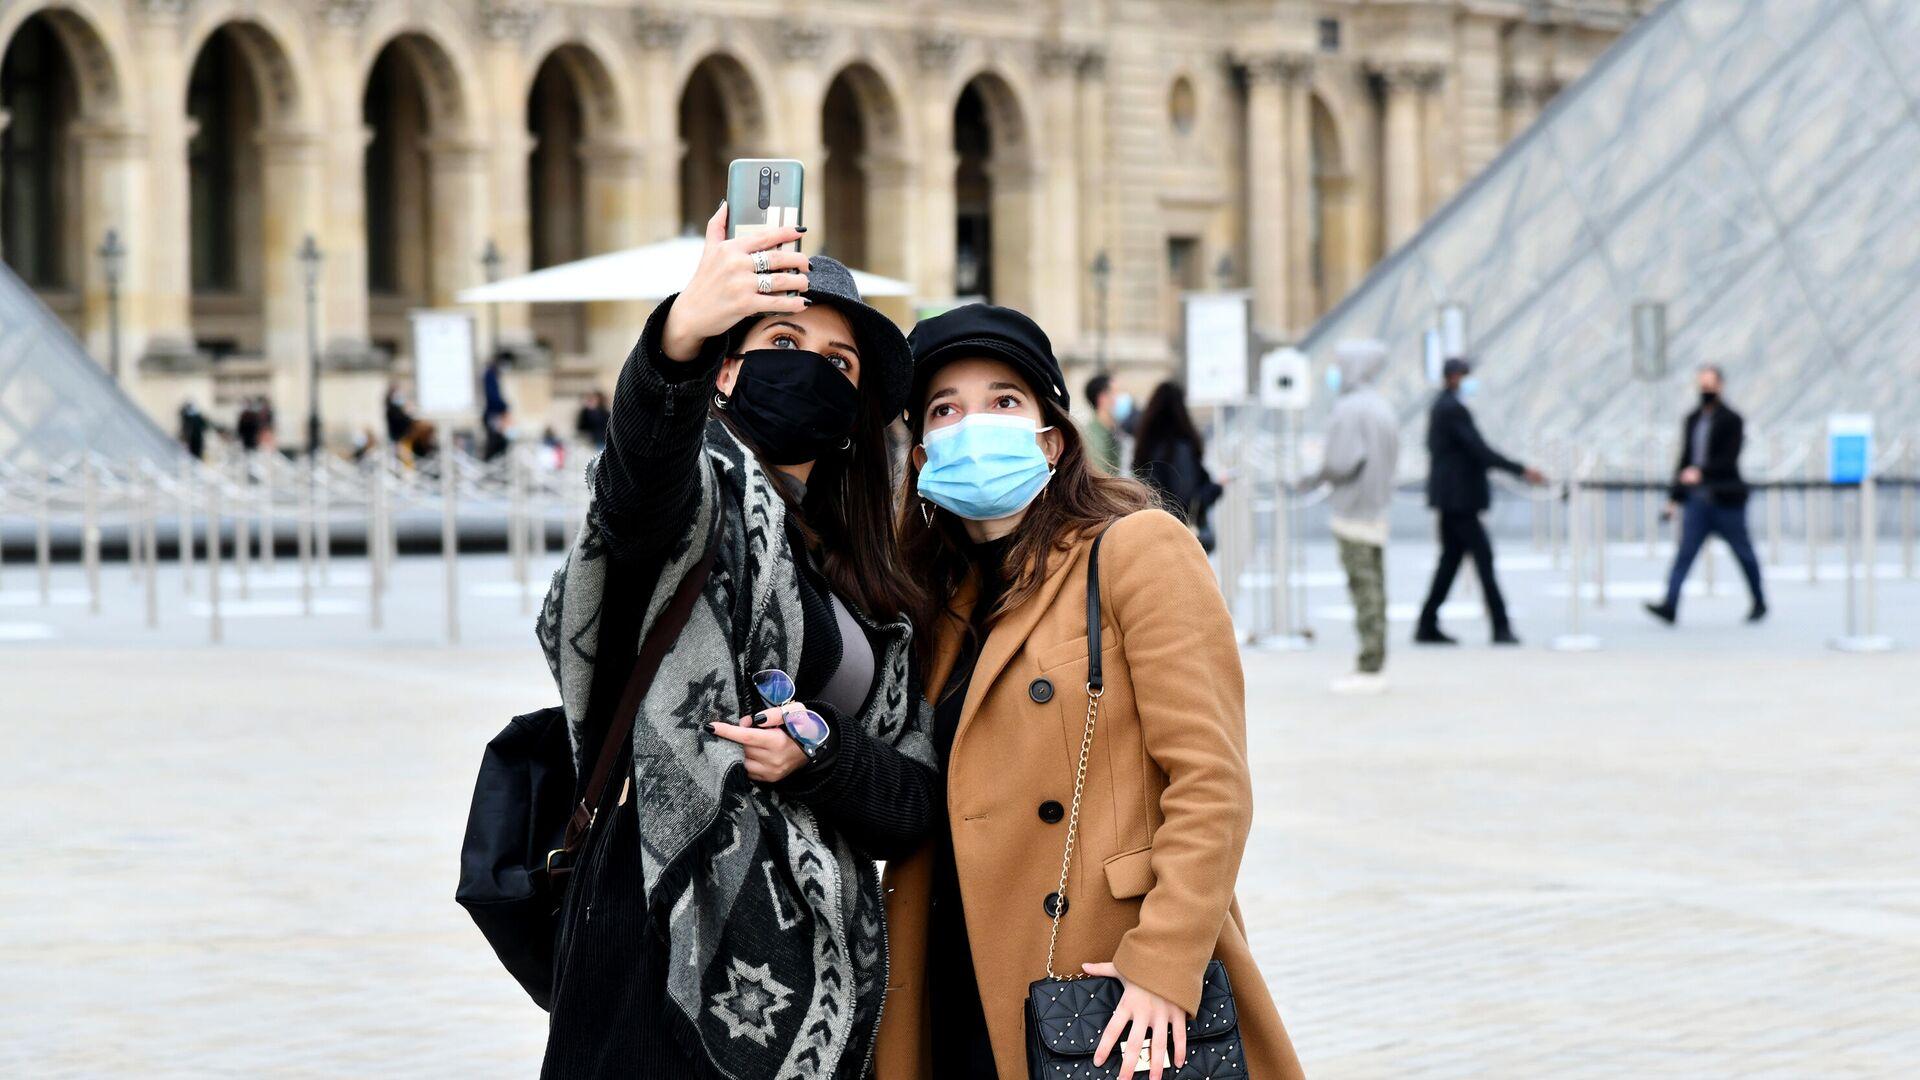 Девушки в масках фотографируются на площади у входа в музей Лувр в Париже - РИА Новости, 1920, 22.11.2020